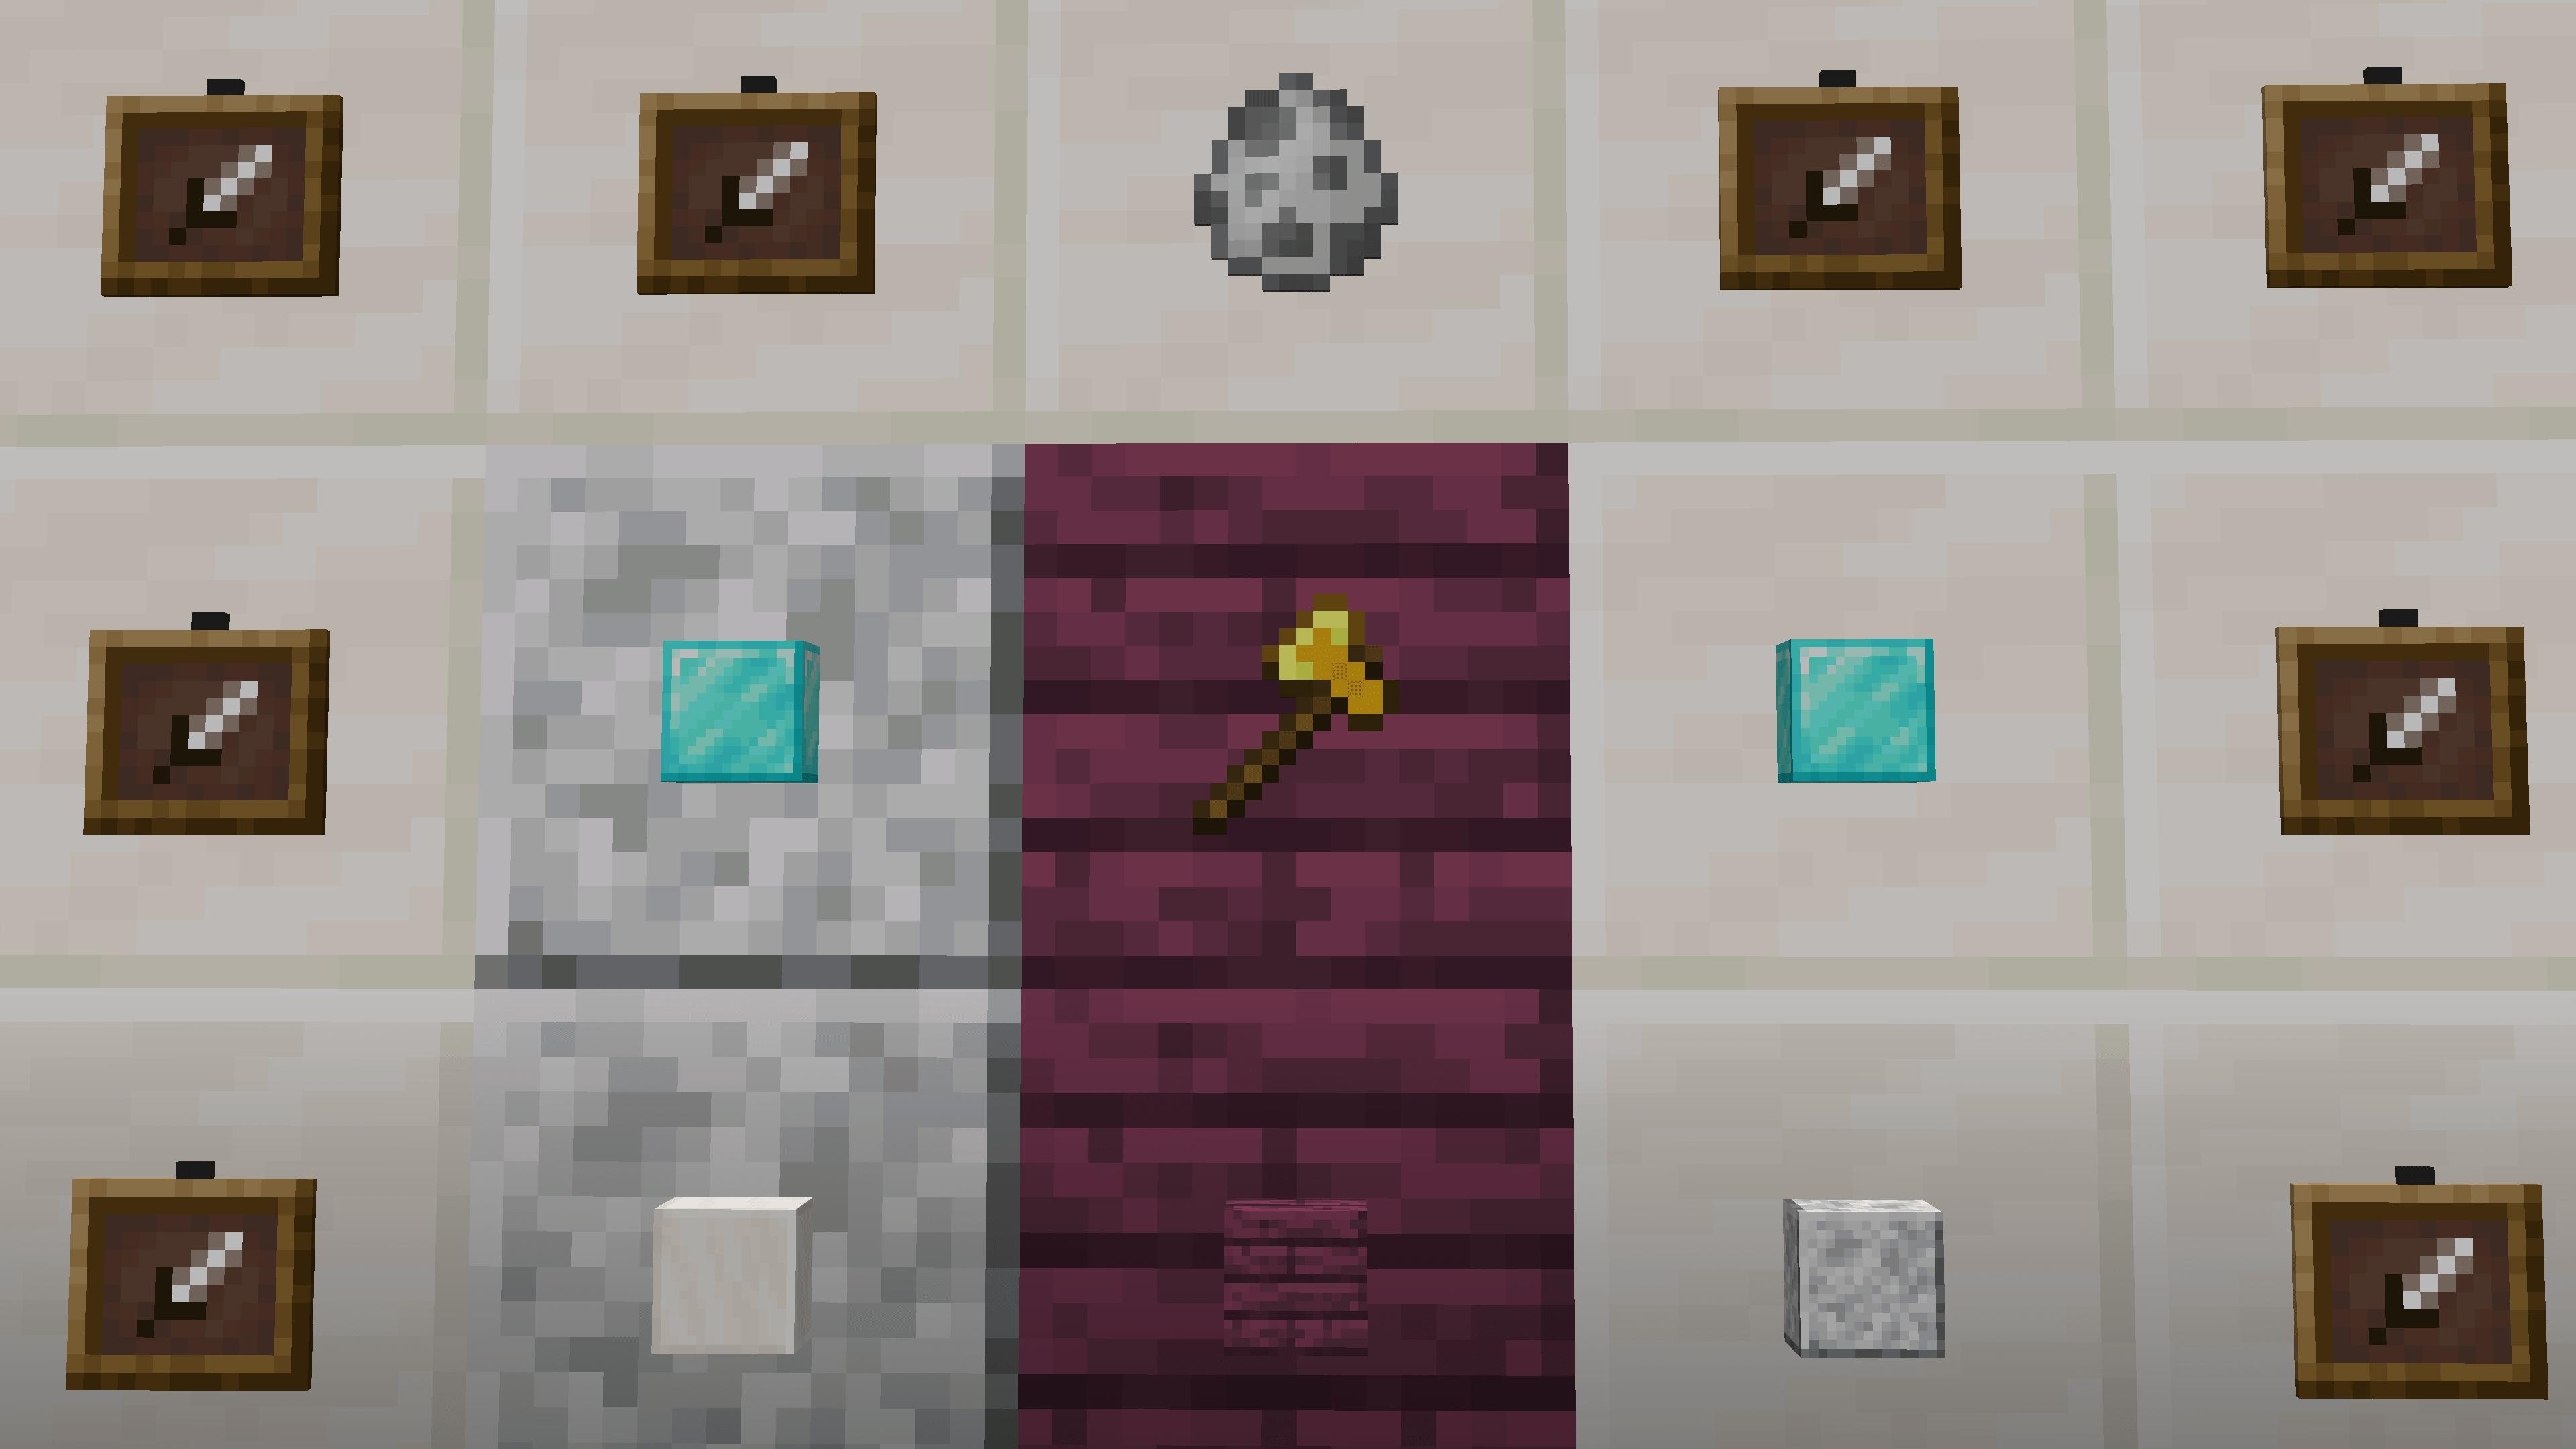 Schermata di esempio - ottenere un item frame invisibile permette di fare mura di oggetti appesi apparentemente in niente.